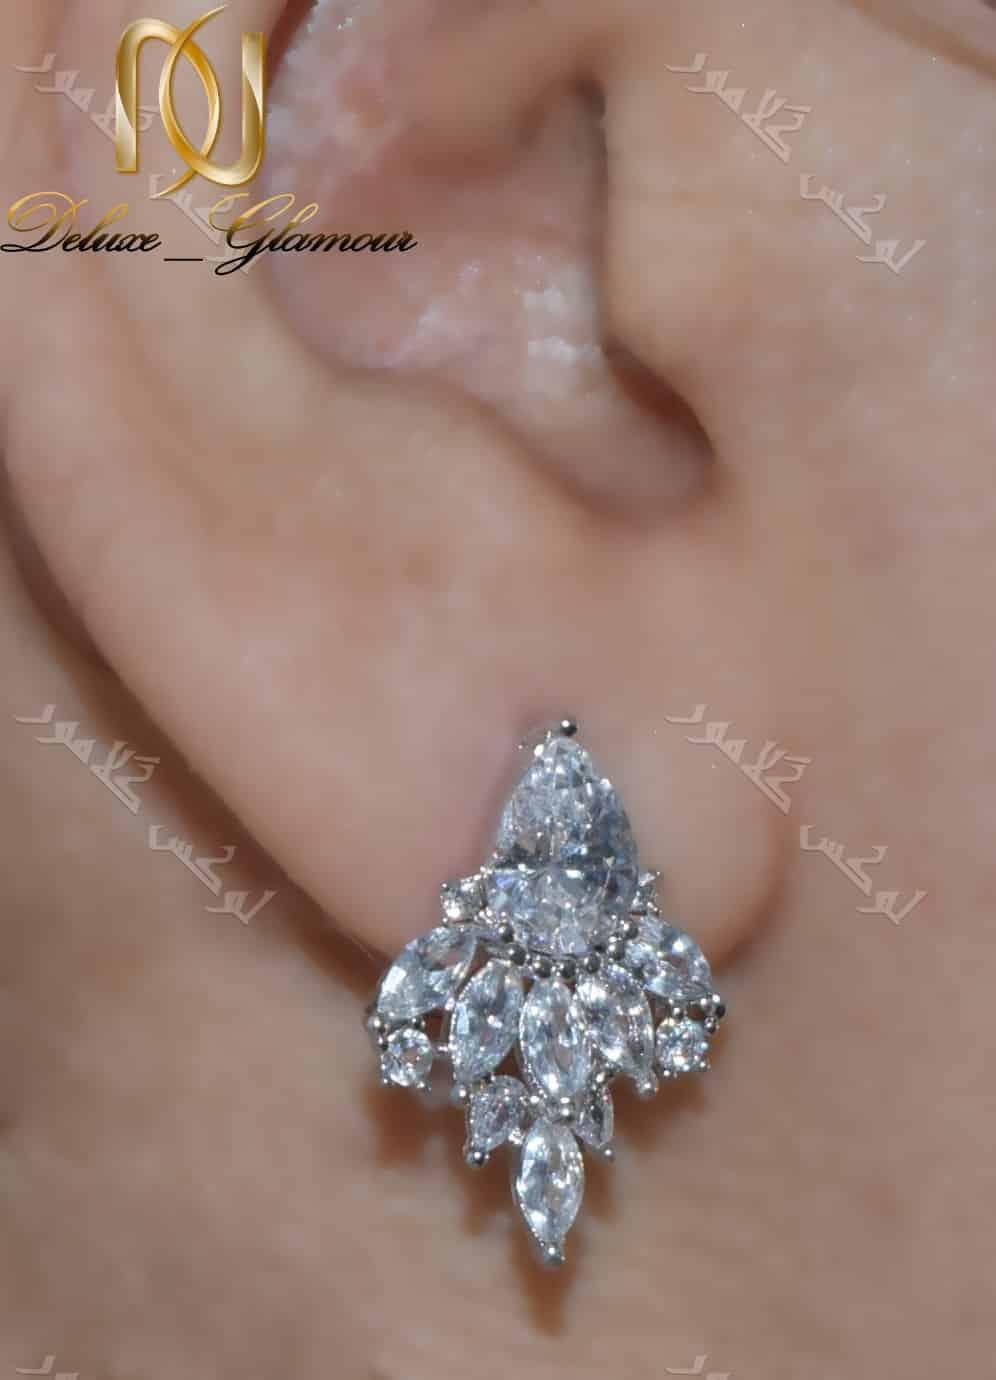 گوشواره ظریف جواهری کلیو با کریستالهای سواروفسکی اصل - روی گوش